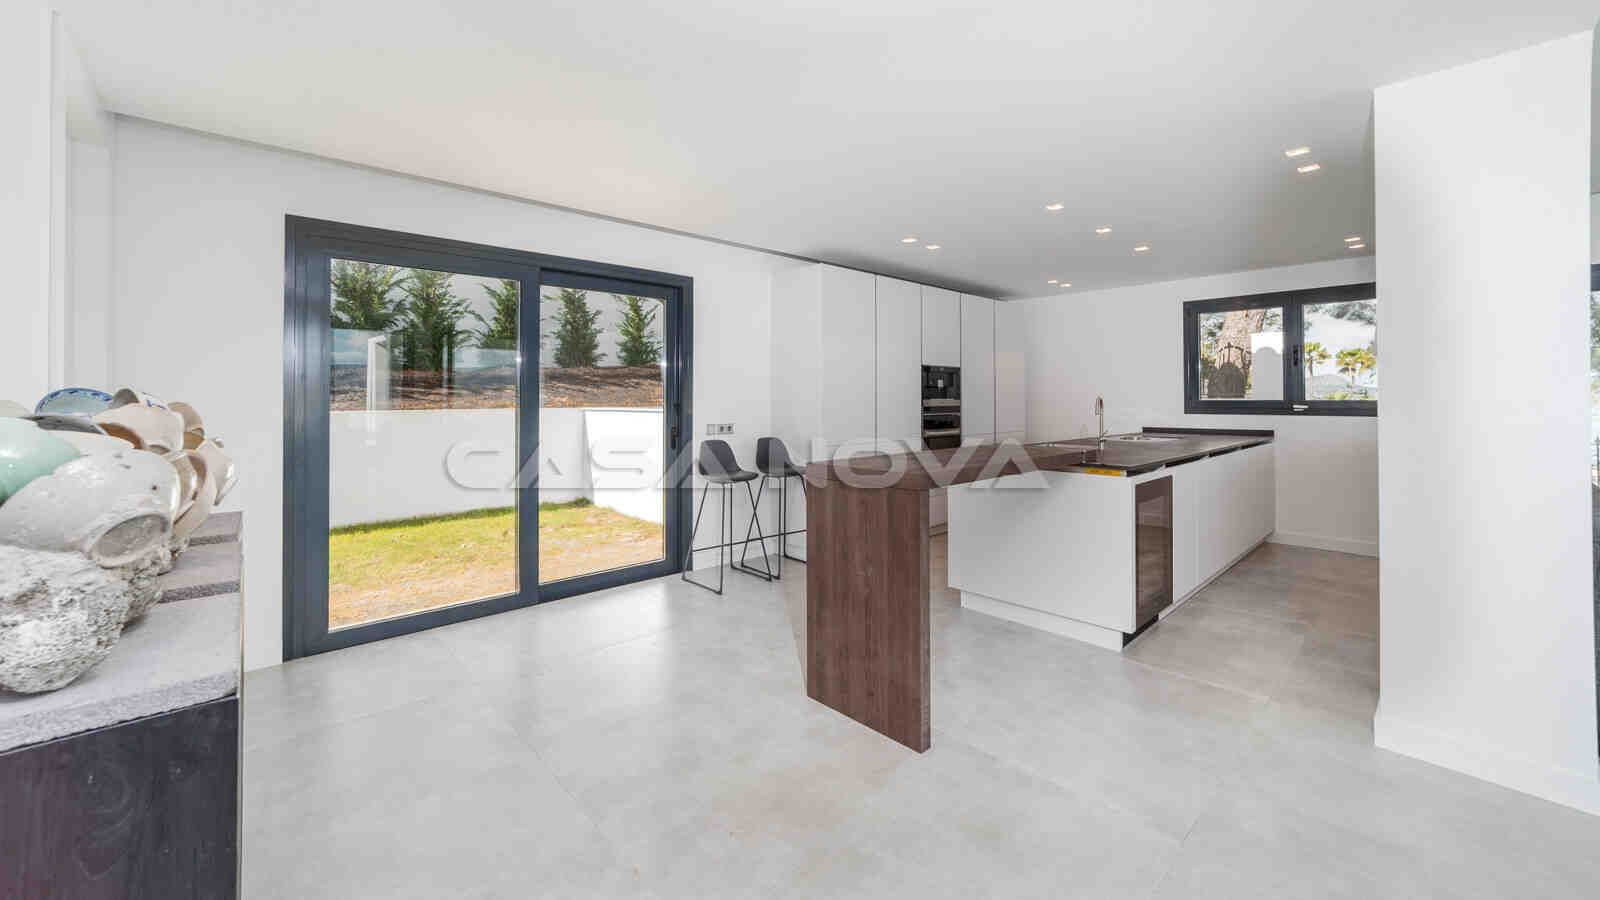 Ref. 2402254 - Moderne Einbauküche mit hochwertigen Elektrogeräten